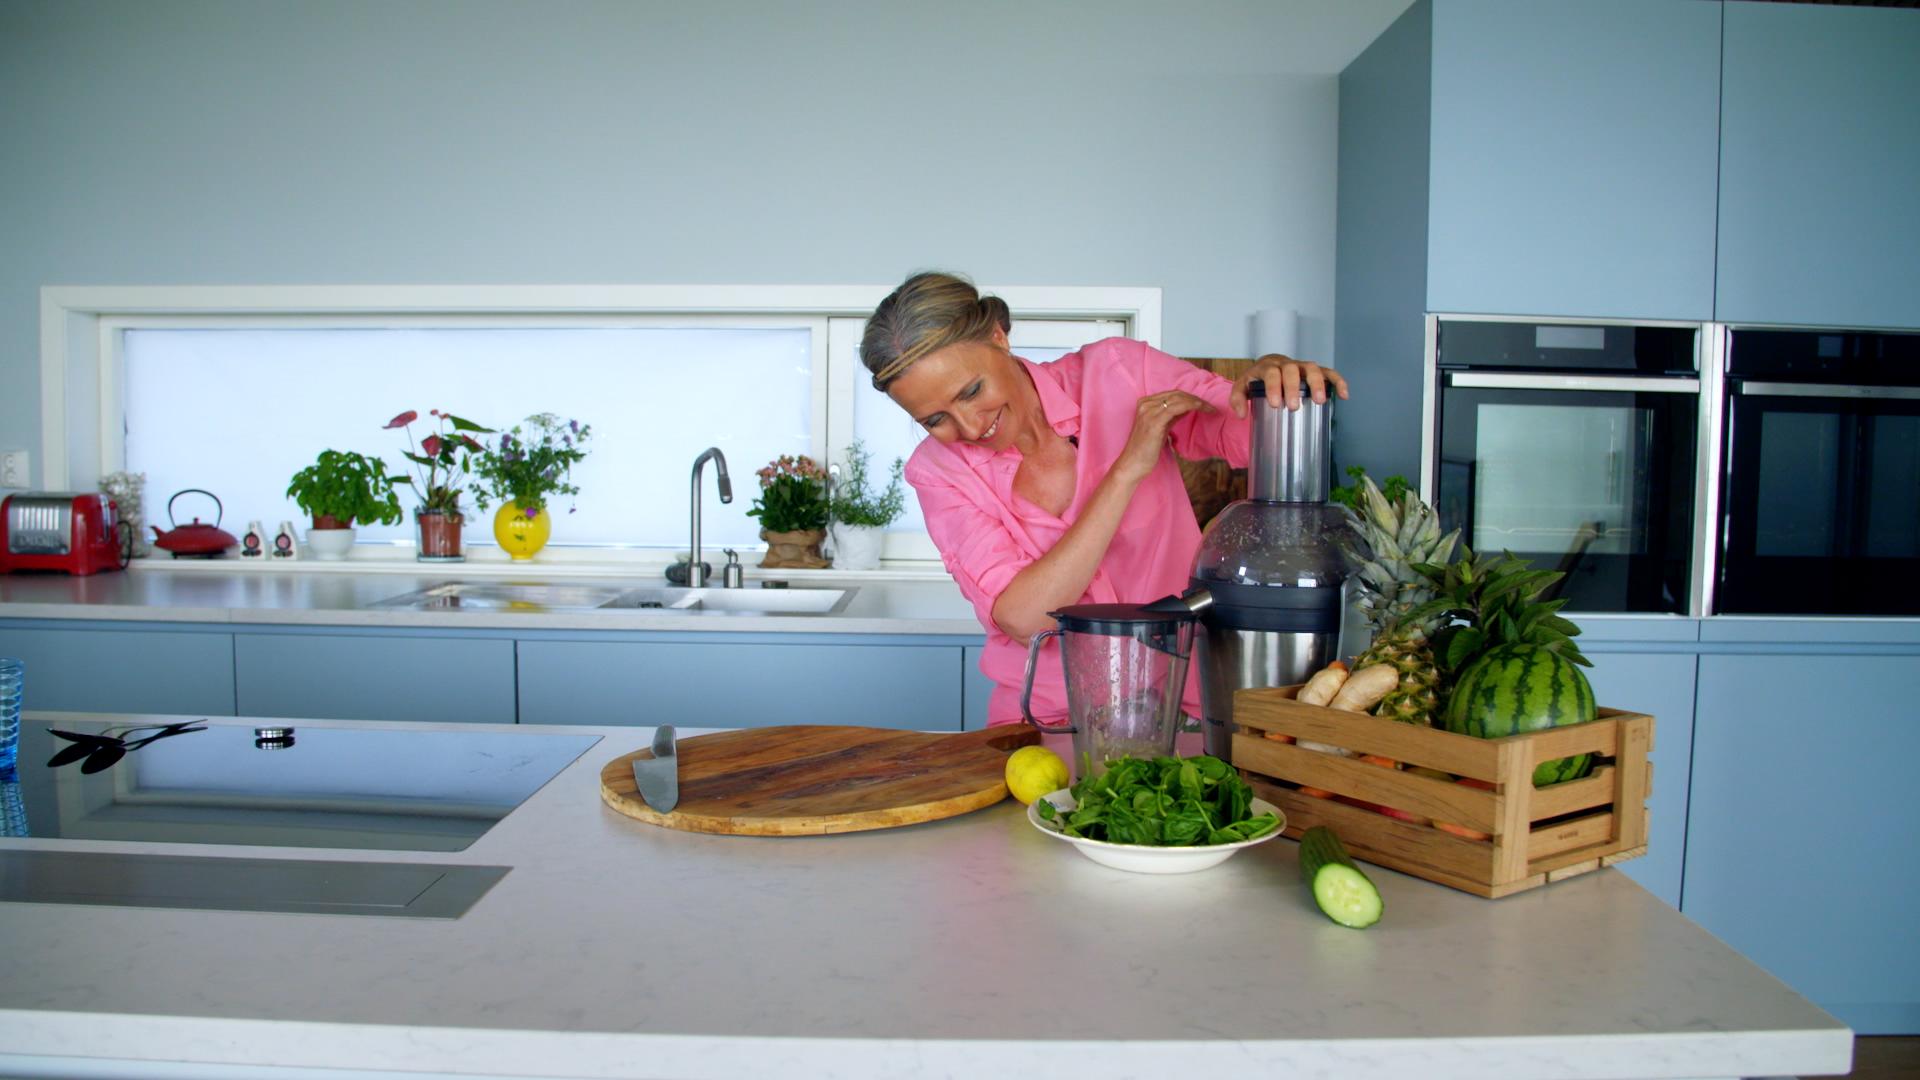 Margit Vea - ENERGIDRIKK - gøy med energidrikk